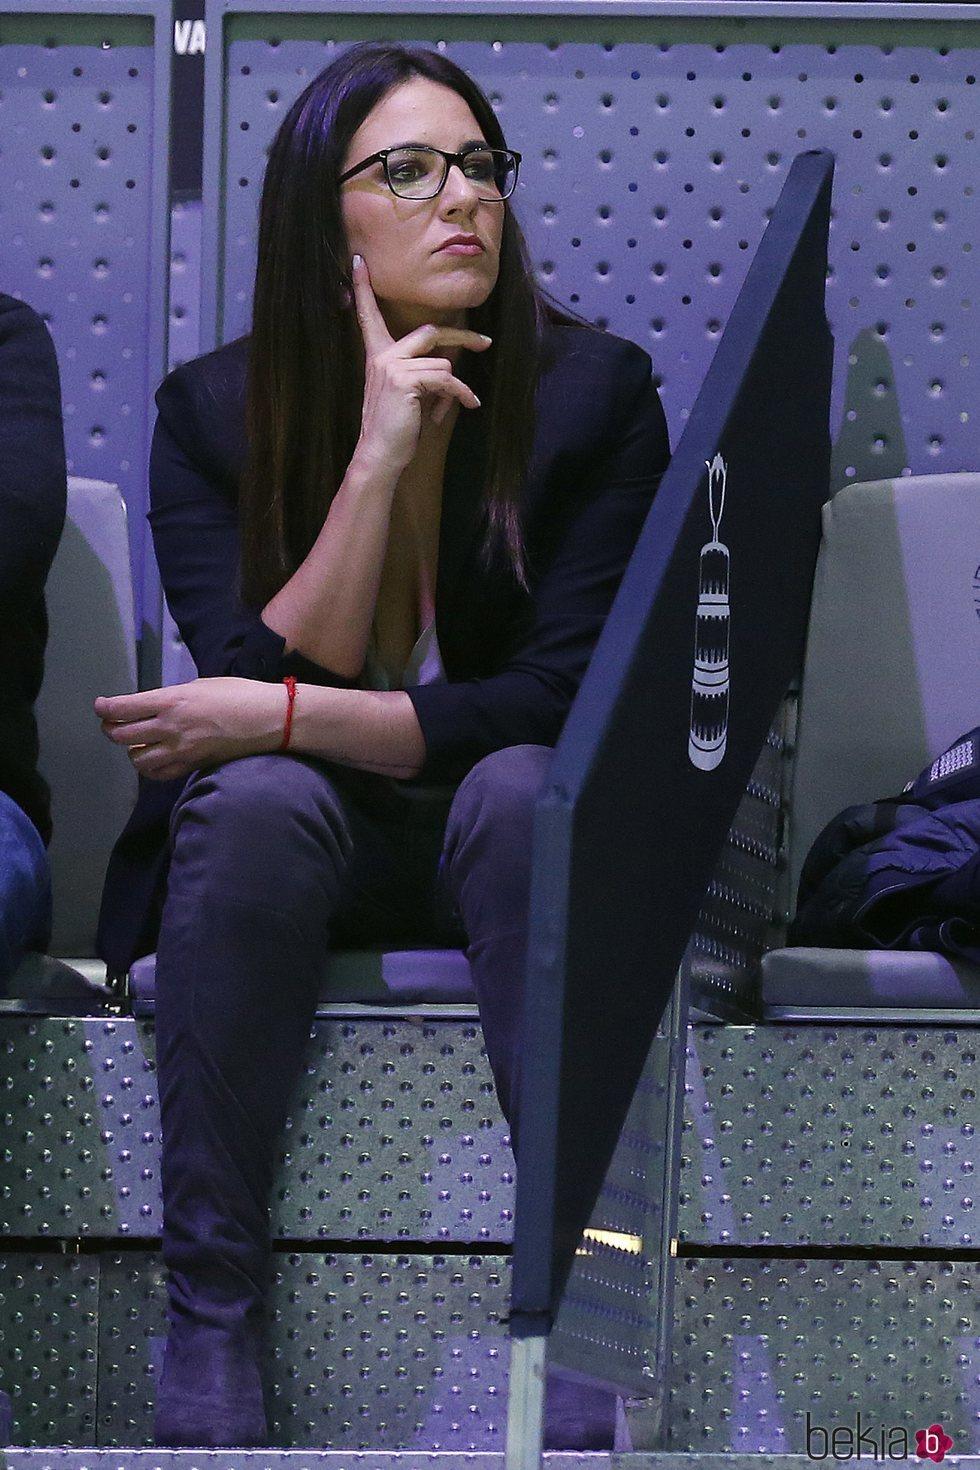 Irene Junquera en la Copa Davis 2019